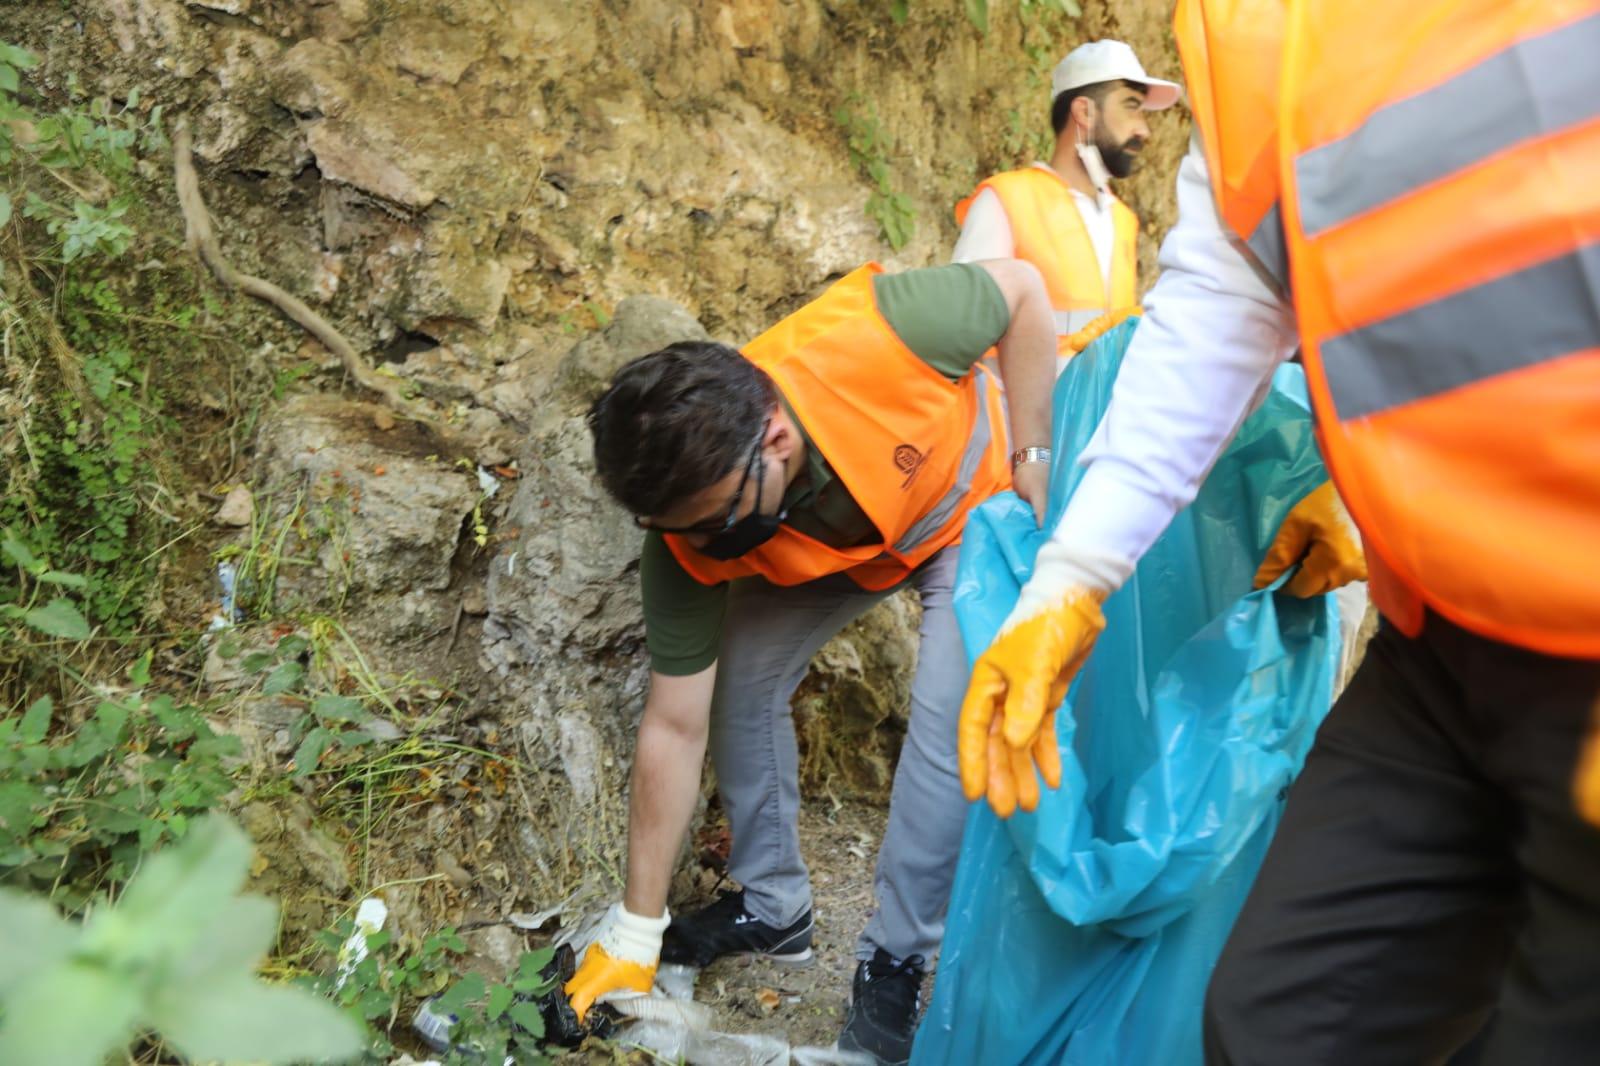 Doğa harikası Xurs Vadisi'nde çevre temizliği yapıldı